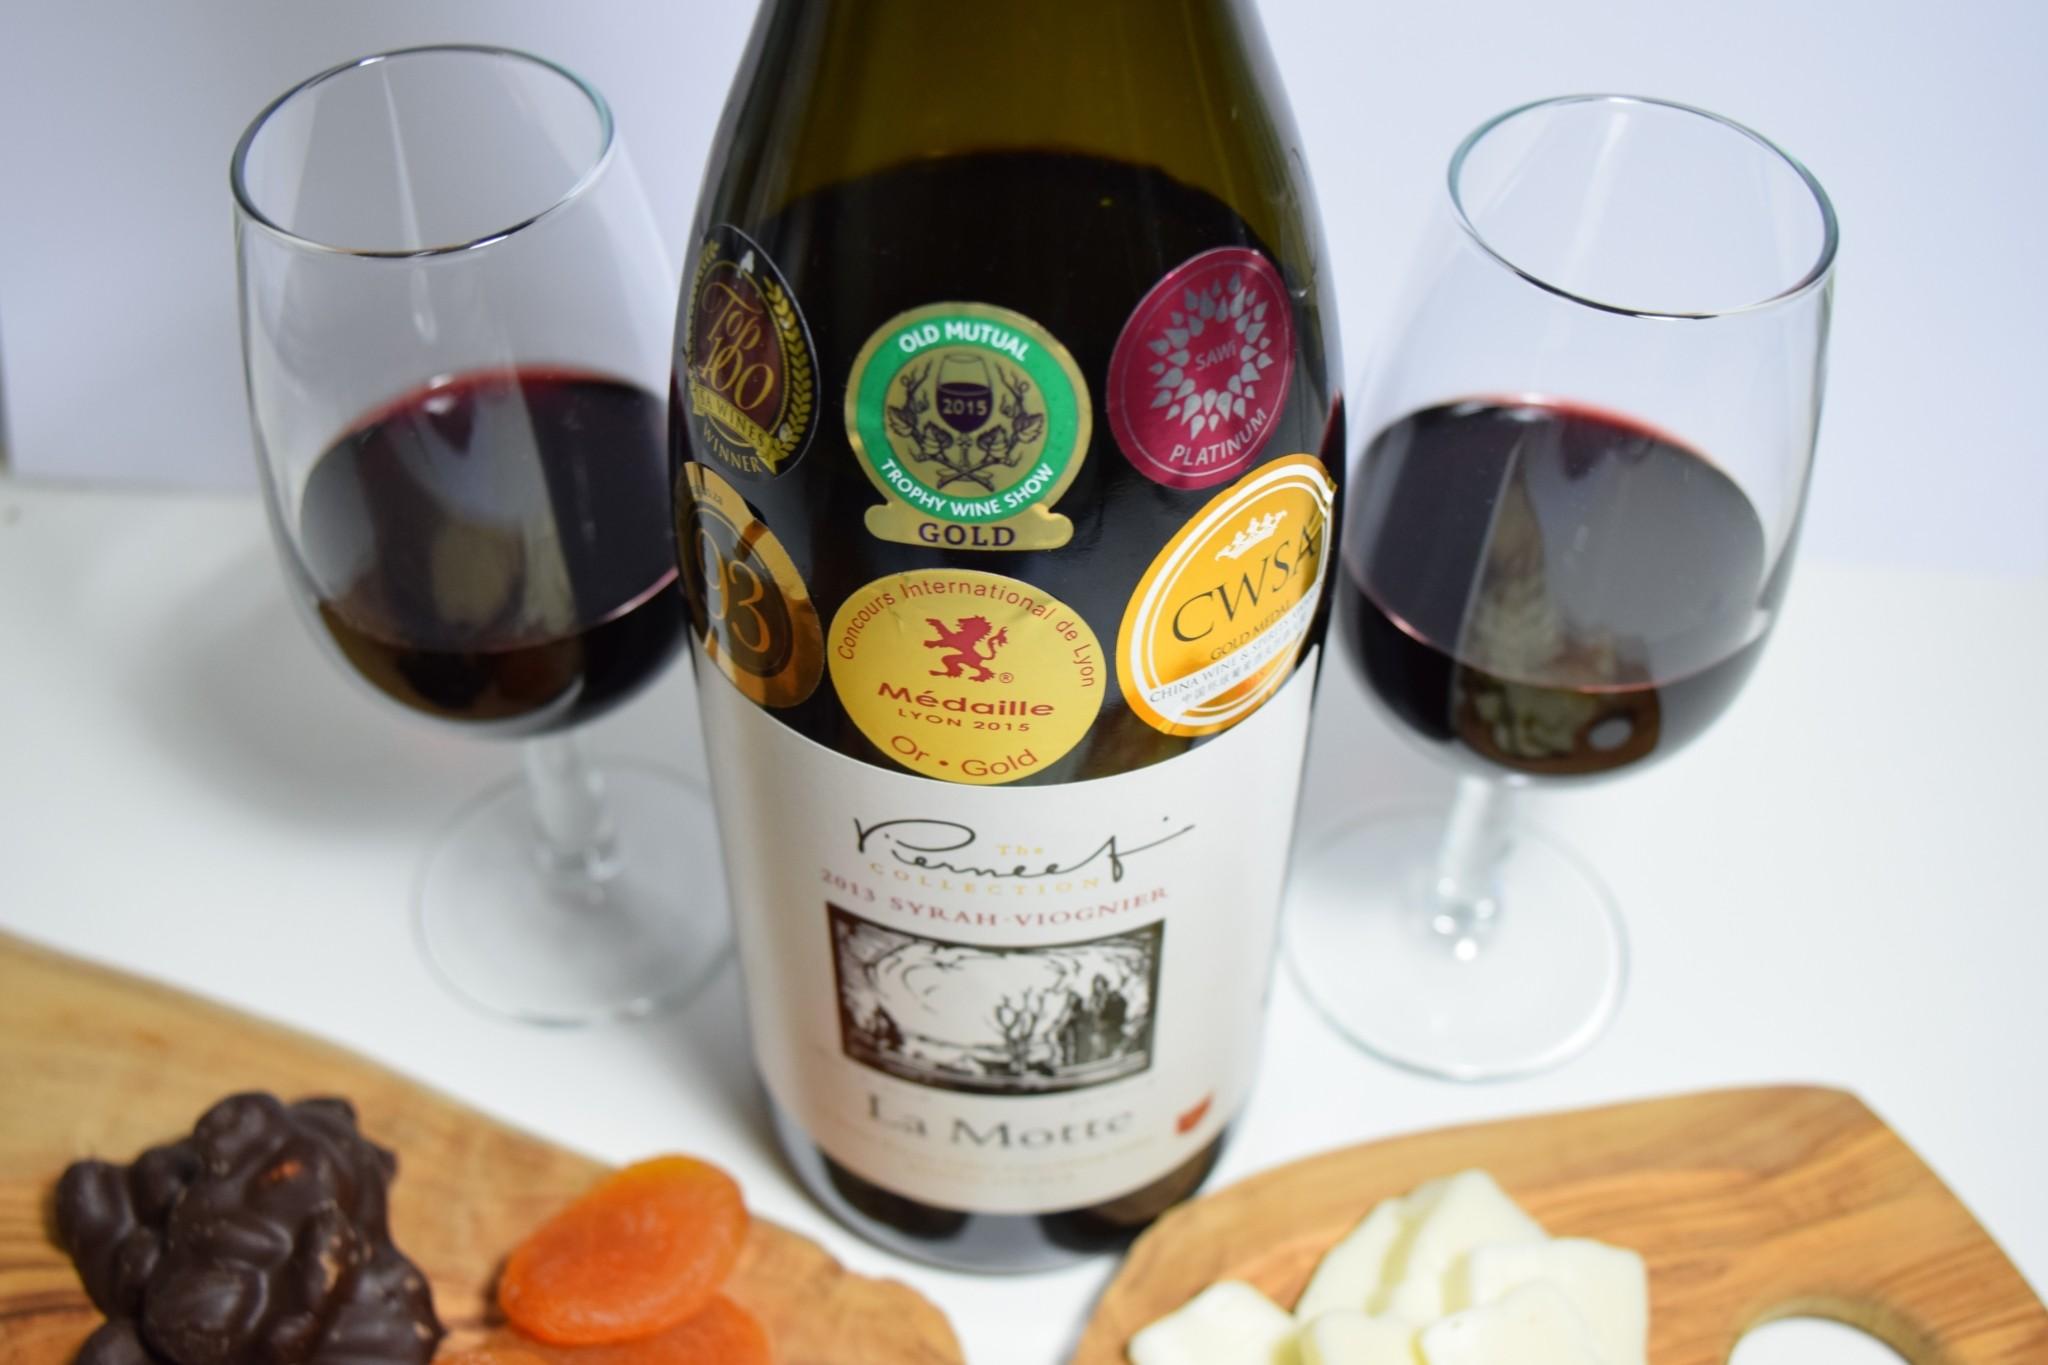 La_motte_wine_shyrah_viognier